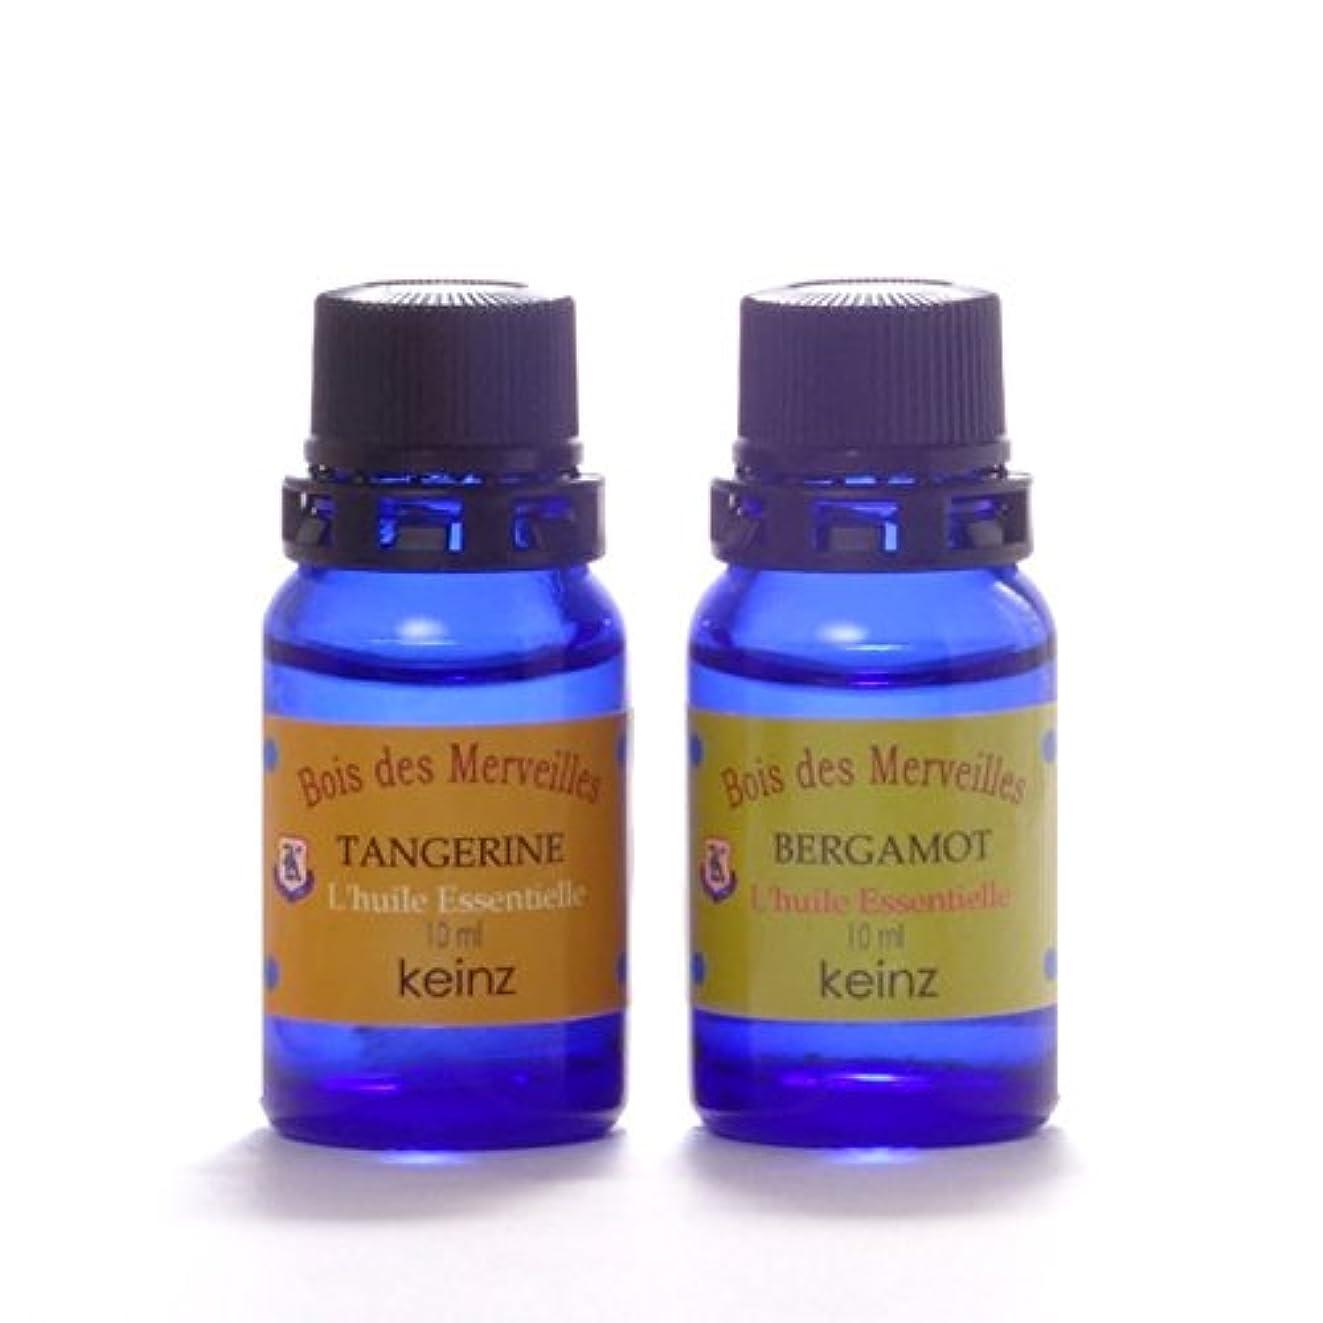 ペインティング宇宙のデザイナーkeinzエッセンシャルオイル「タンジェリン10ml&ベルガモット10ml」2種1セット ケインズ正規品 製造国アメリカ 水蒸気蒸留法による100%無添加精油 人工香料は使っていません。